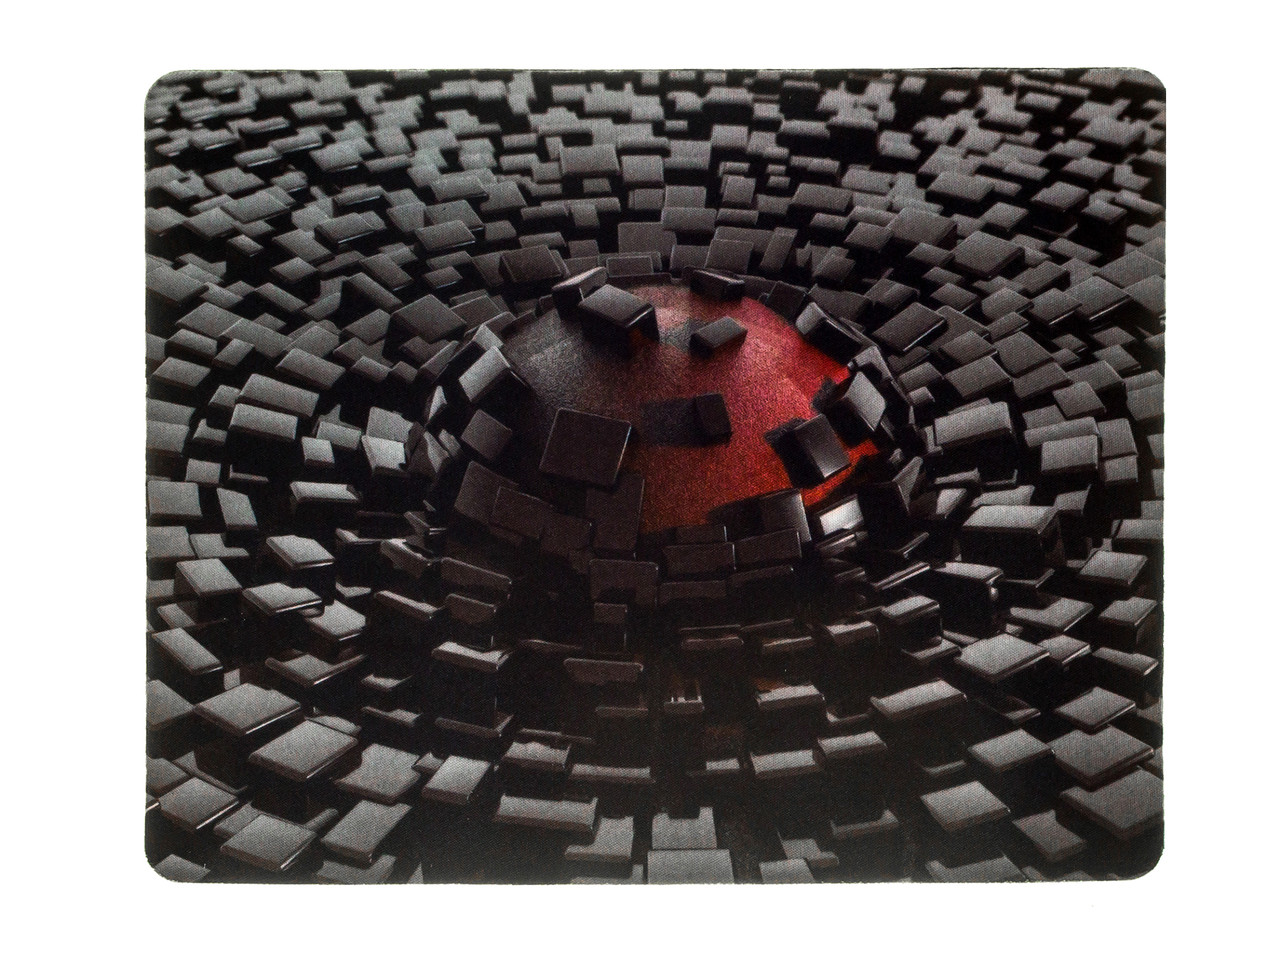 Коврик для мыши Oklick OK-F02821 Pad for mouse OK-F0281, 225x280x3mm